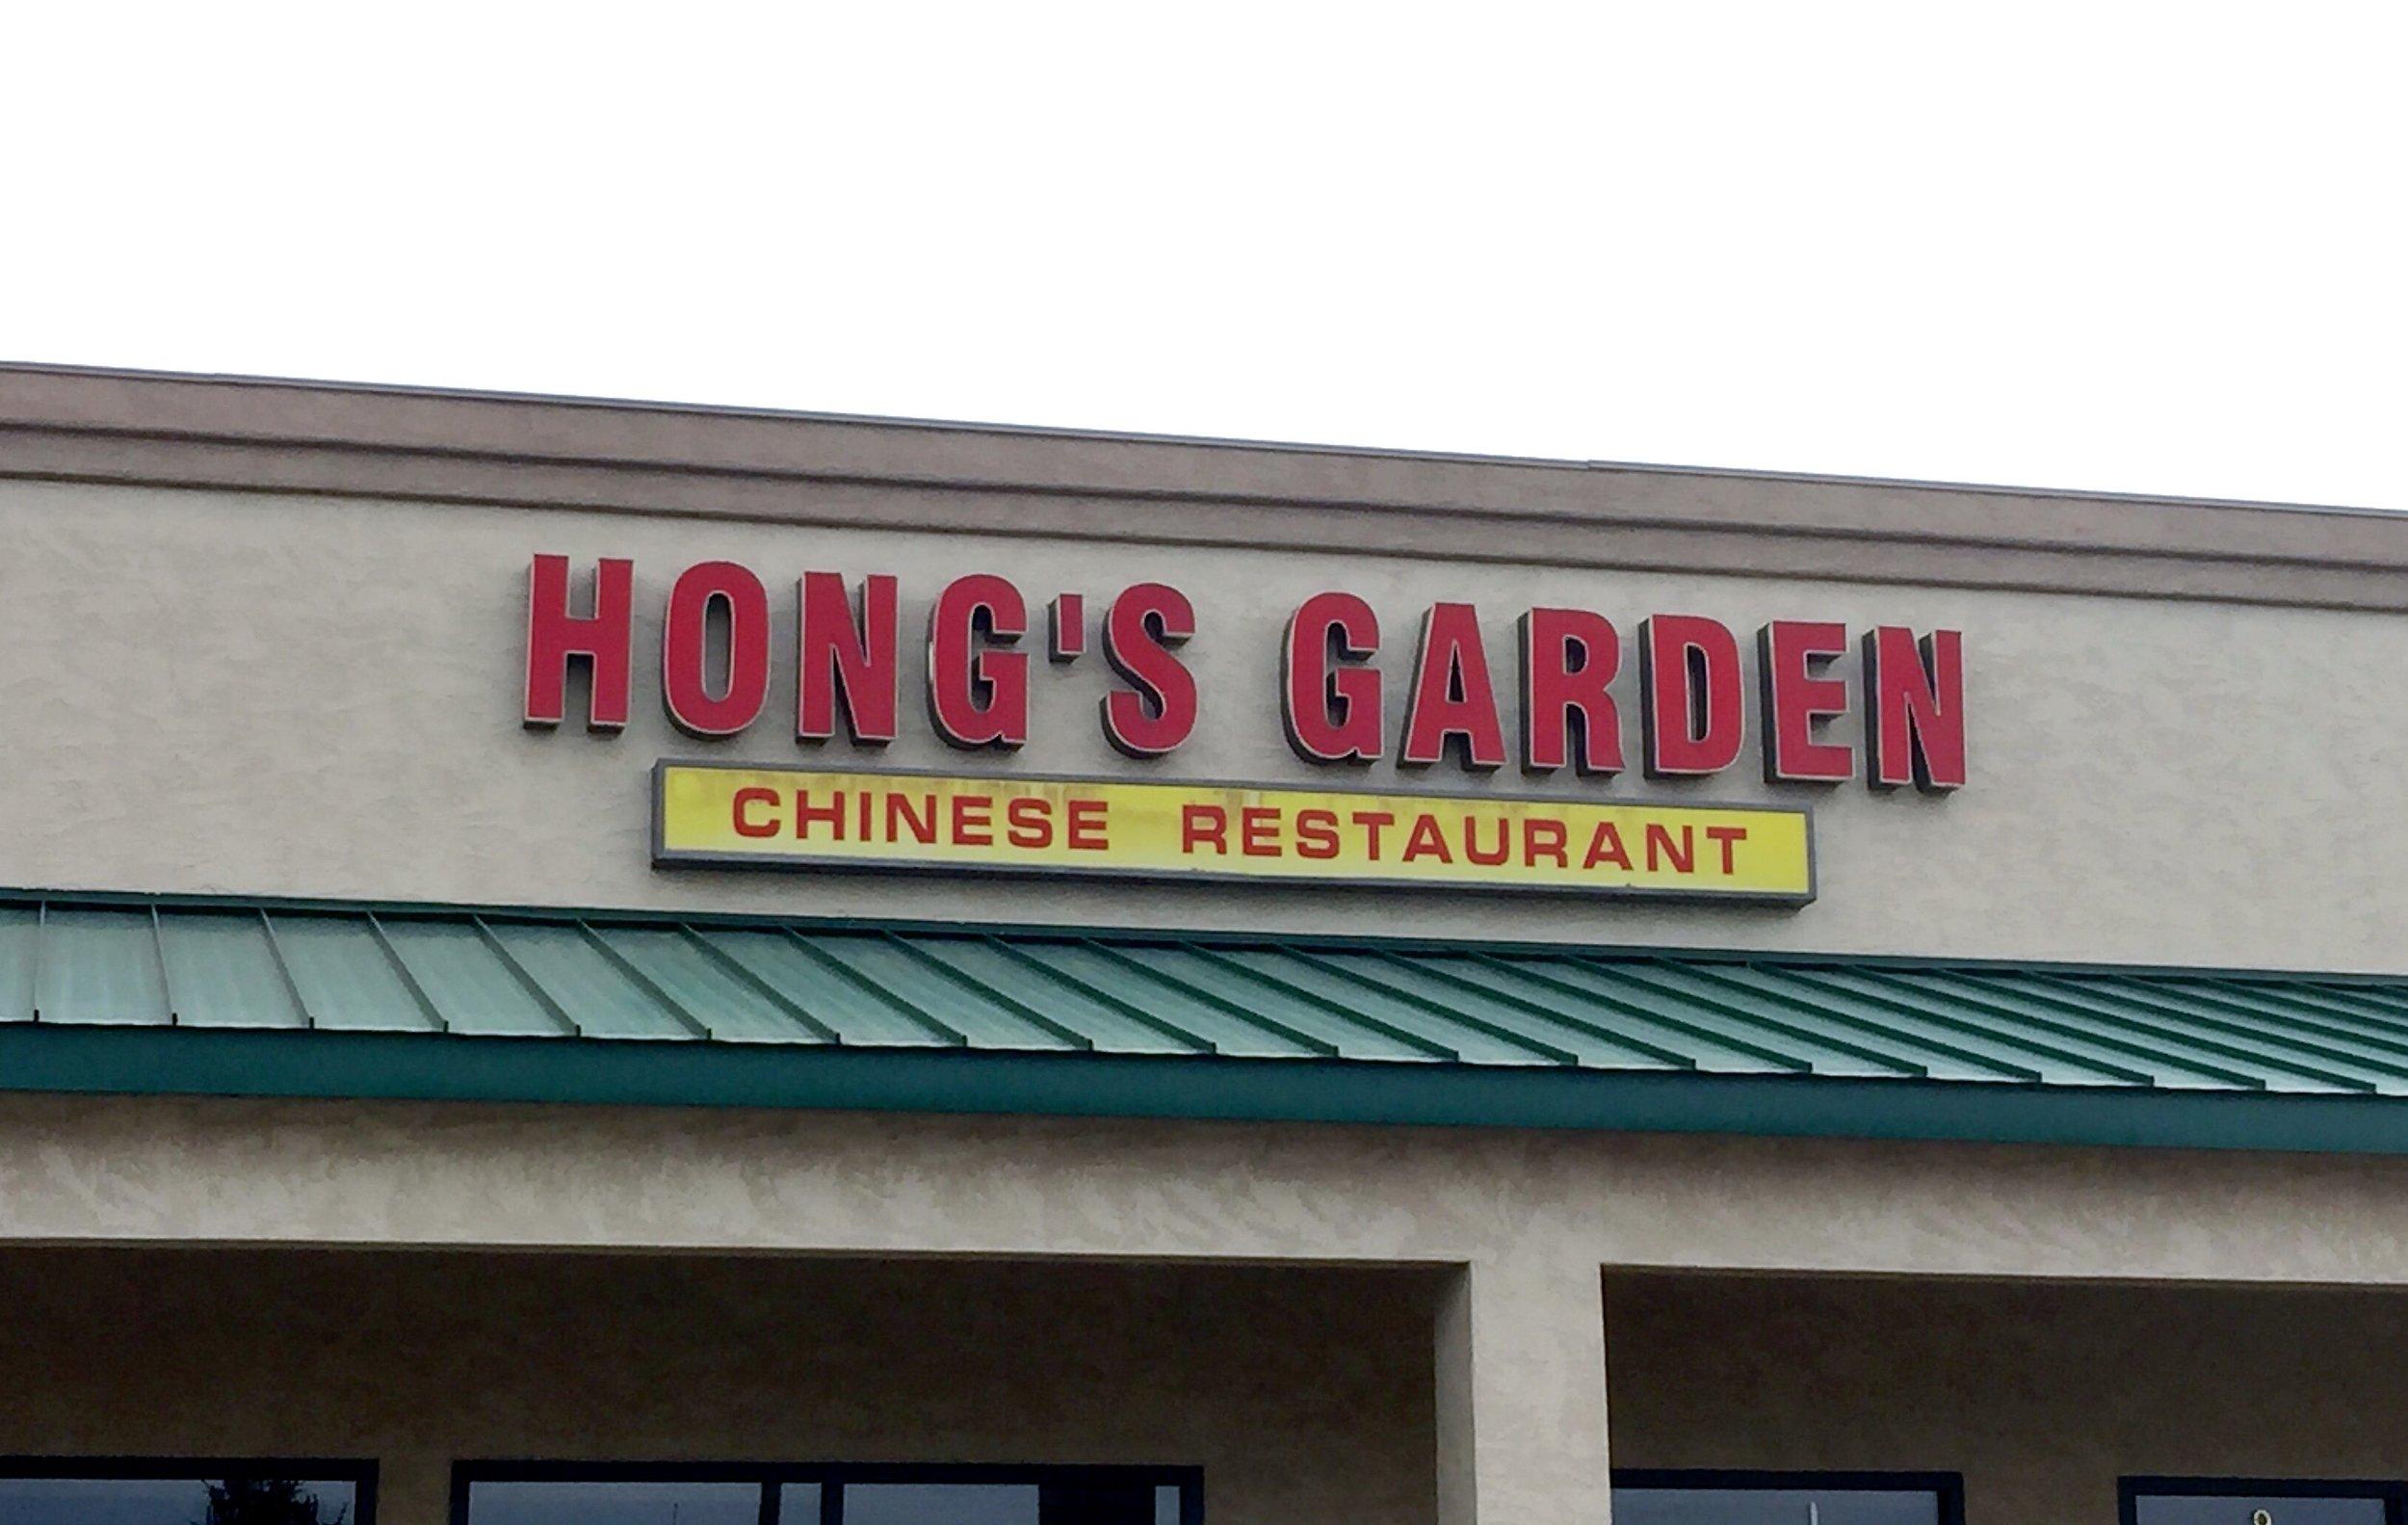 Hong's Garden Restaurant sign 1